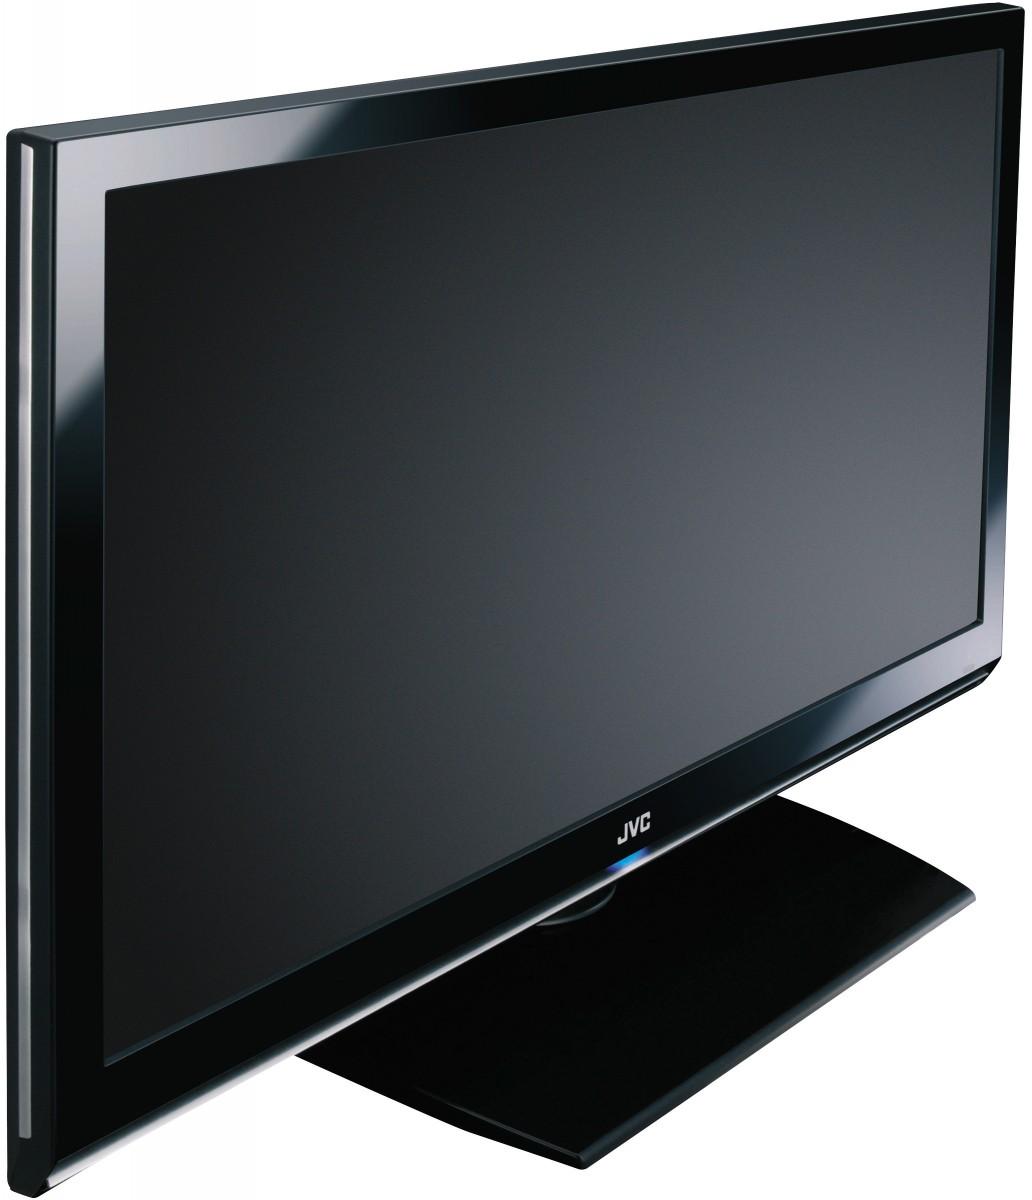 3d fernseher mit 46 zoll diagonale und full hd aufl sung. Black Bedroom Furniture Sets. Home Design Ideas